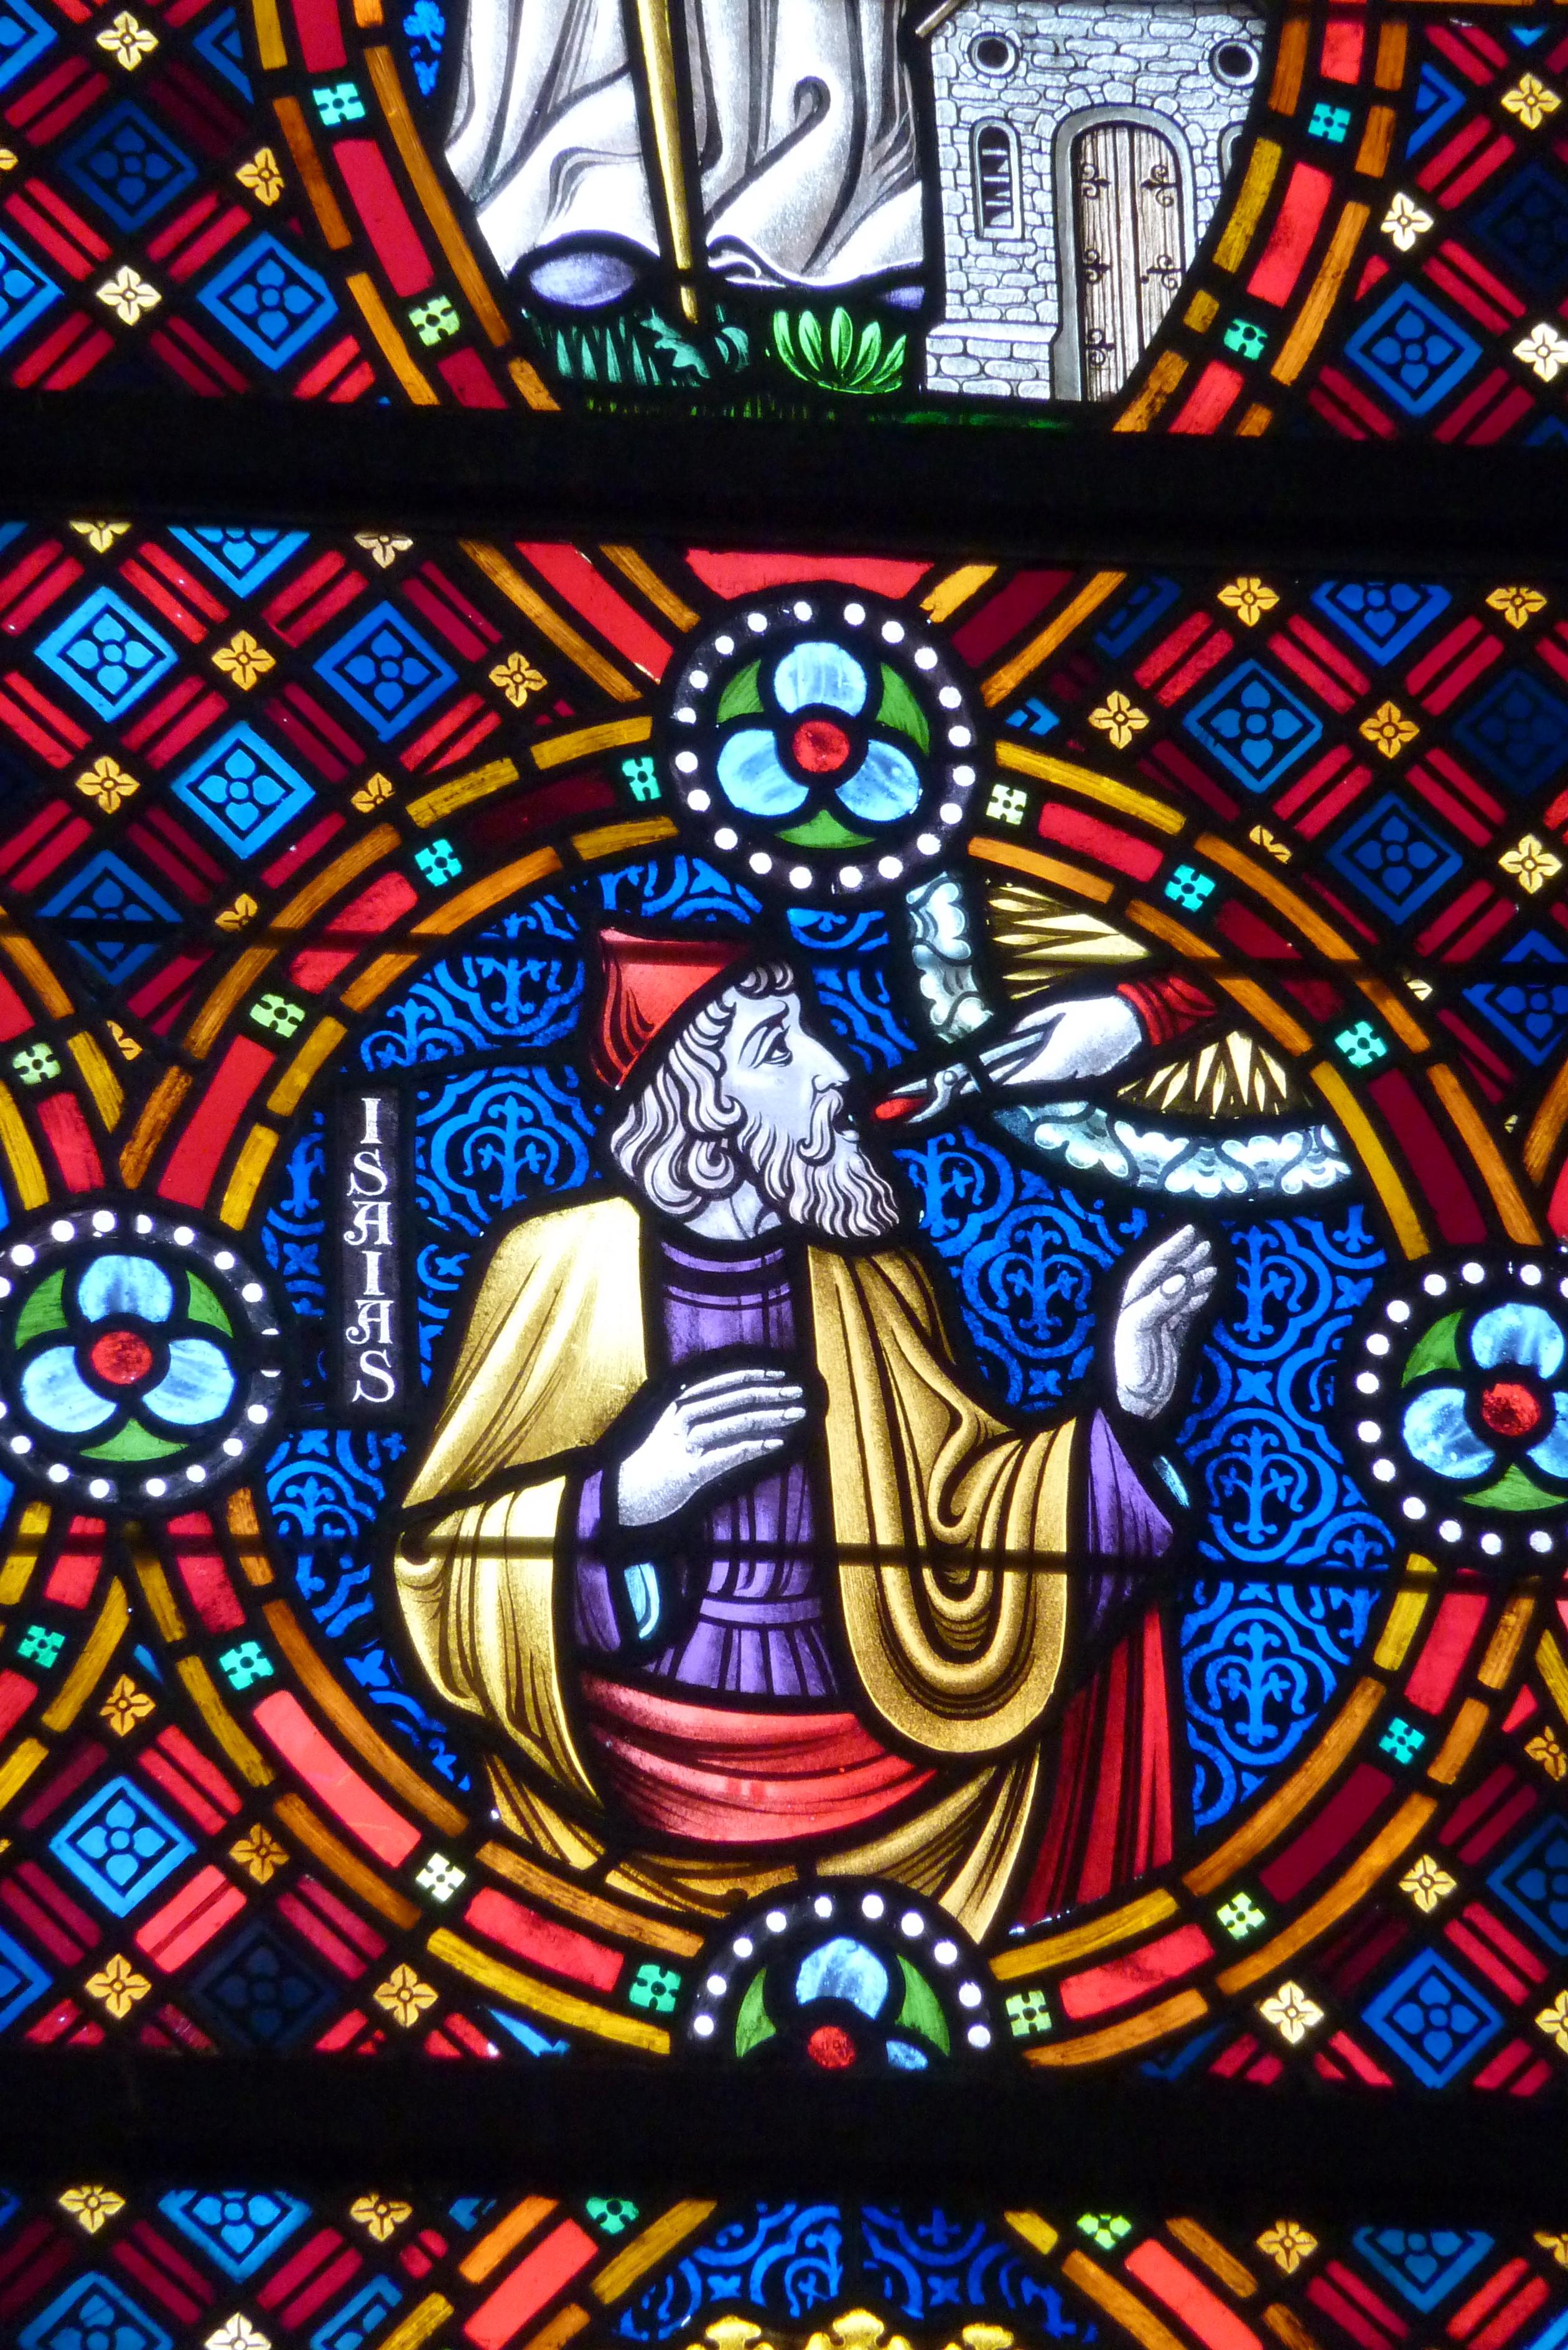 Petegem-aan-de-Schelde Sint-Martinuskerk 972.JPG